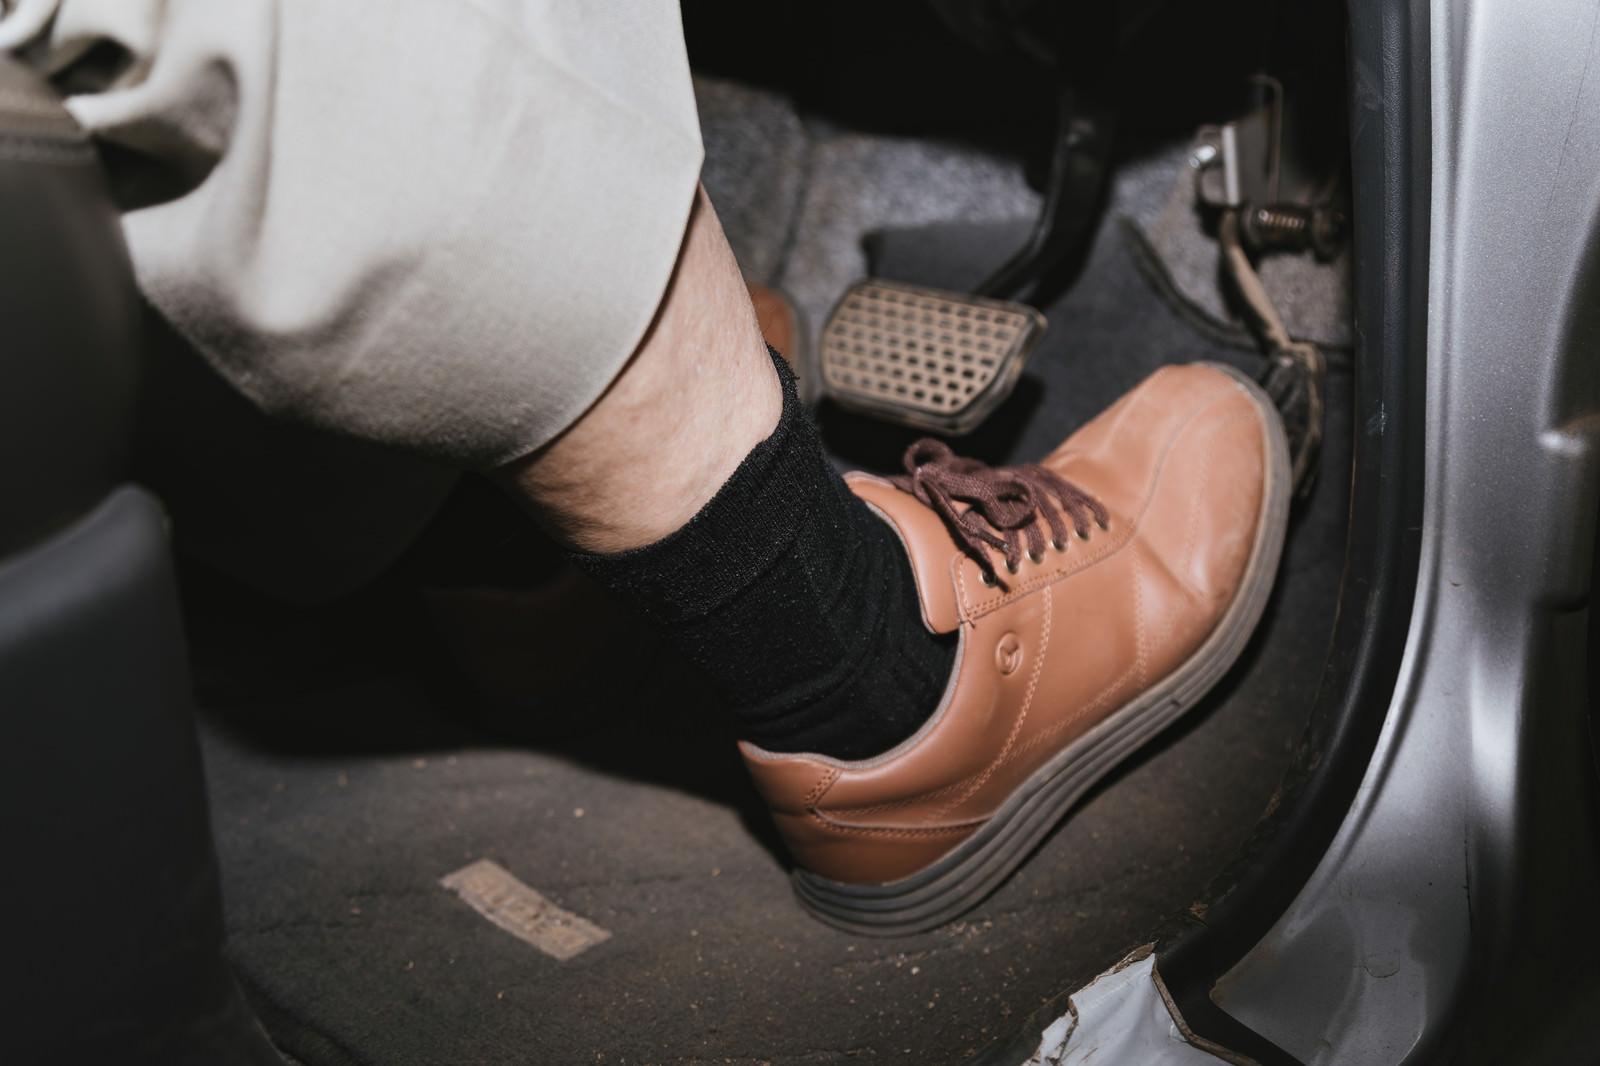 「アクセルペダルを踏む高齢者の足元」の写真[モデル:まーちゃん]